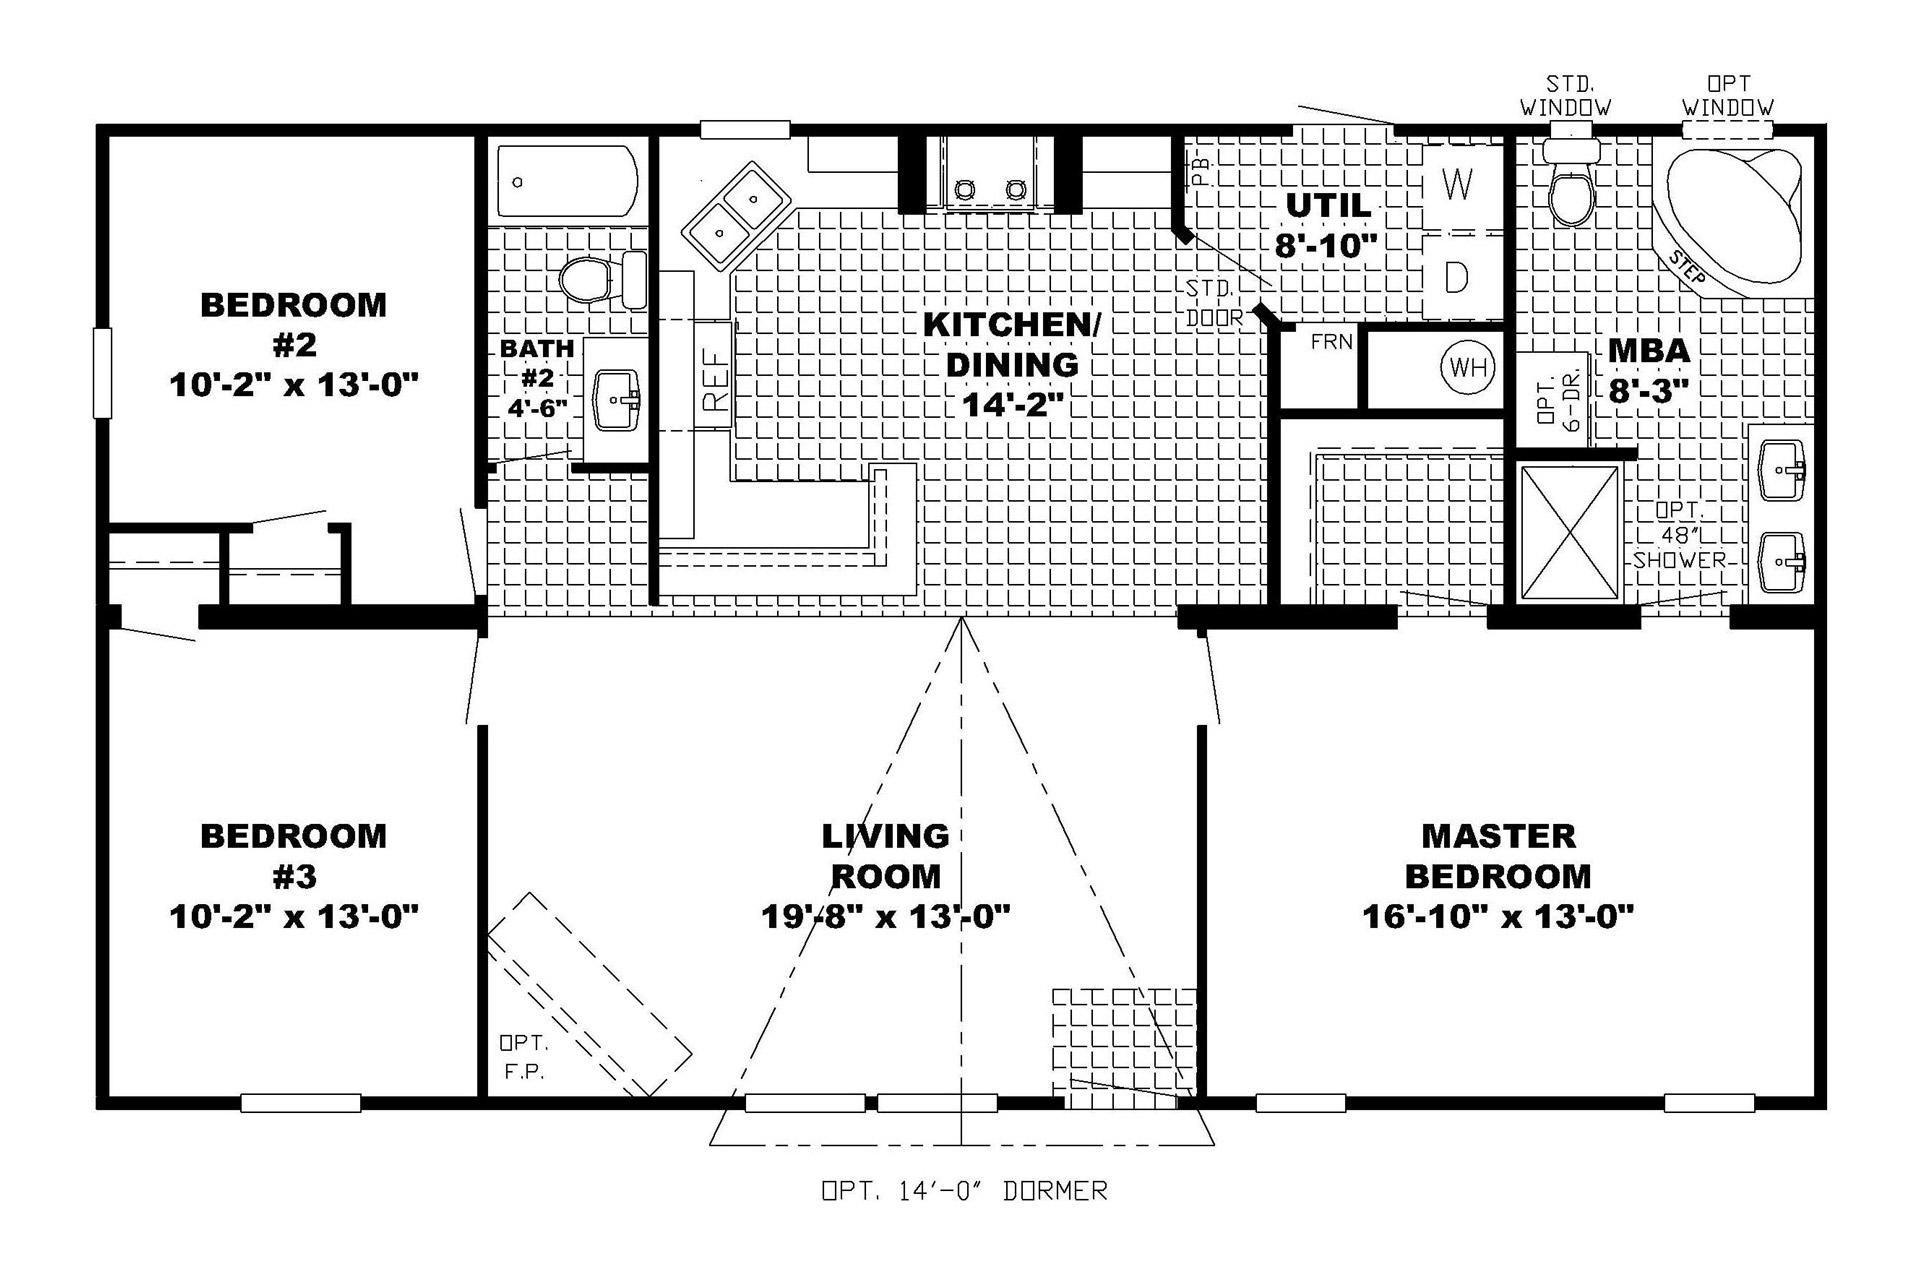 77 House Floor Plan Designer 2019 in 2020 Open floor